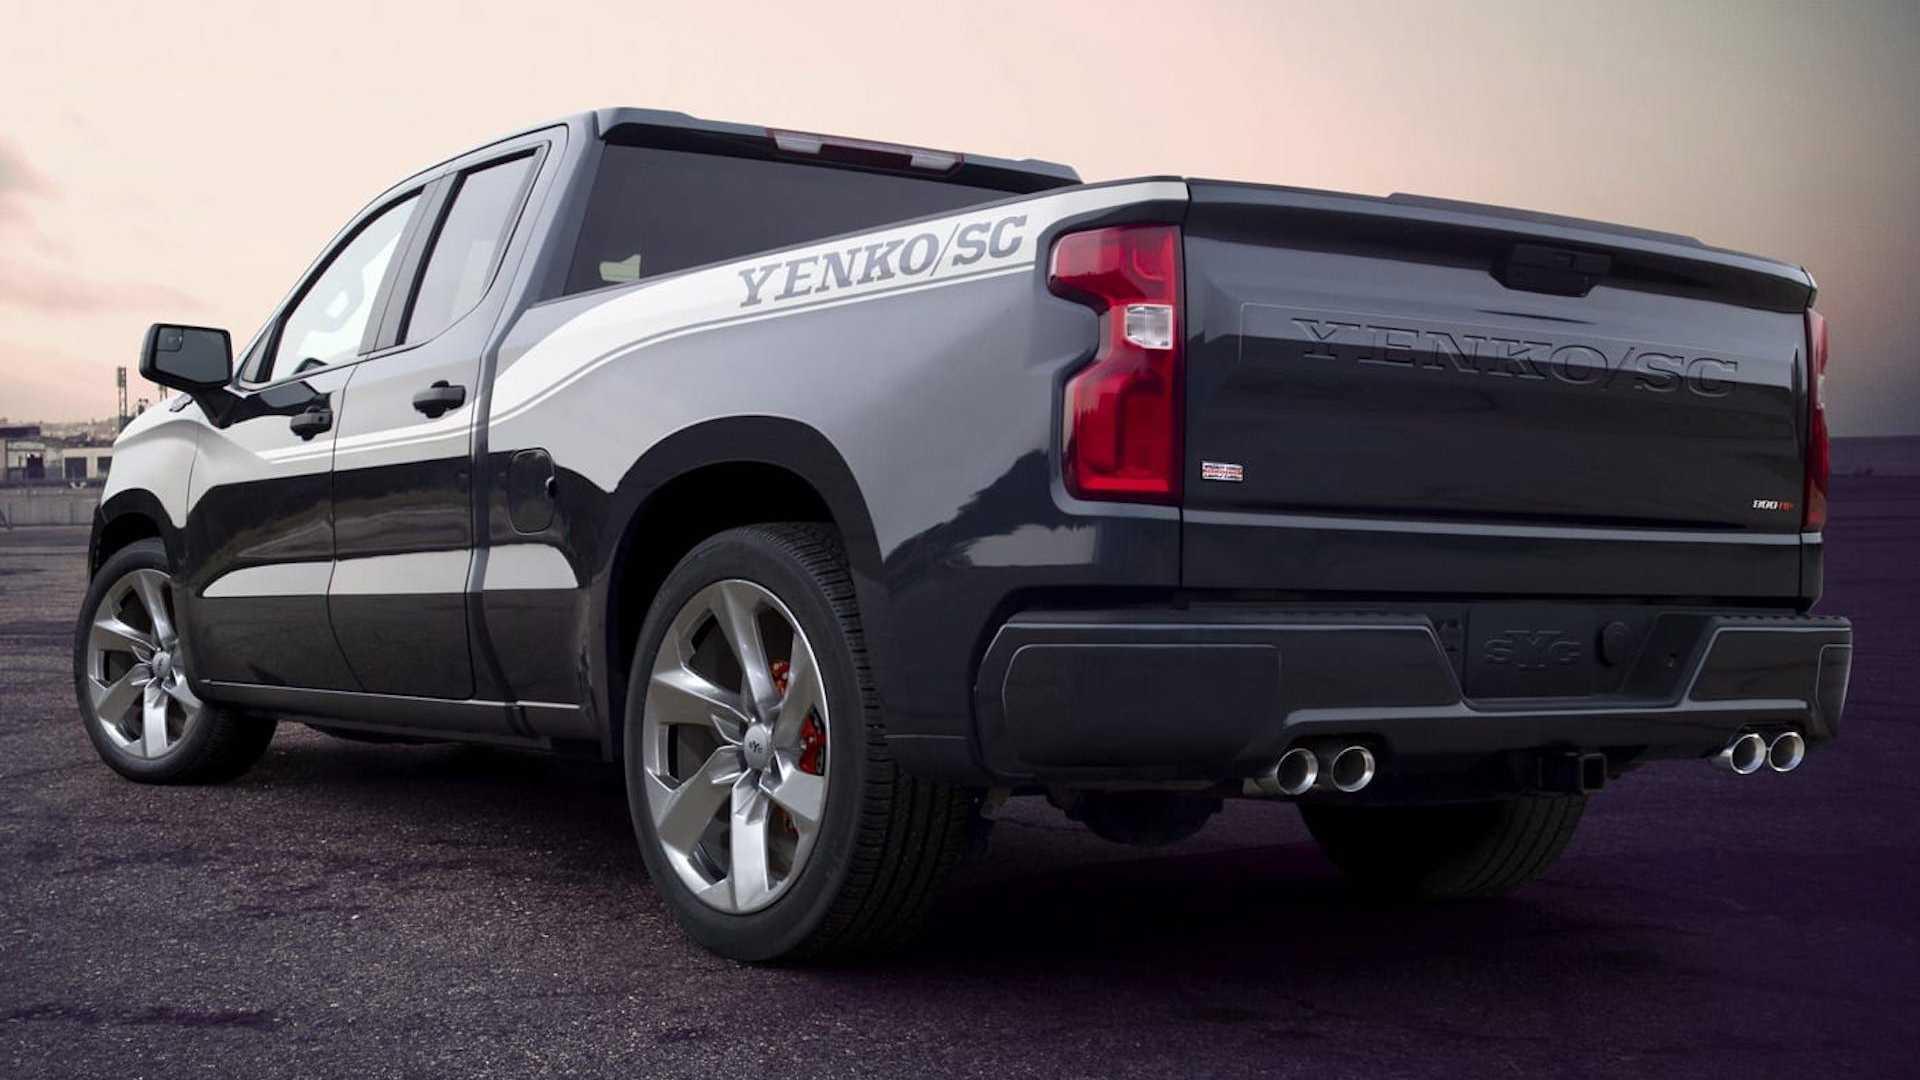 2018 - [Chevrolet / GMC] Silverado / Sierra - Page 3 Sve-yenko-silverado-revealed-with-800-hp